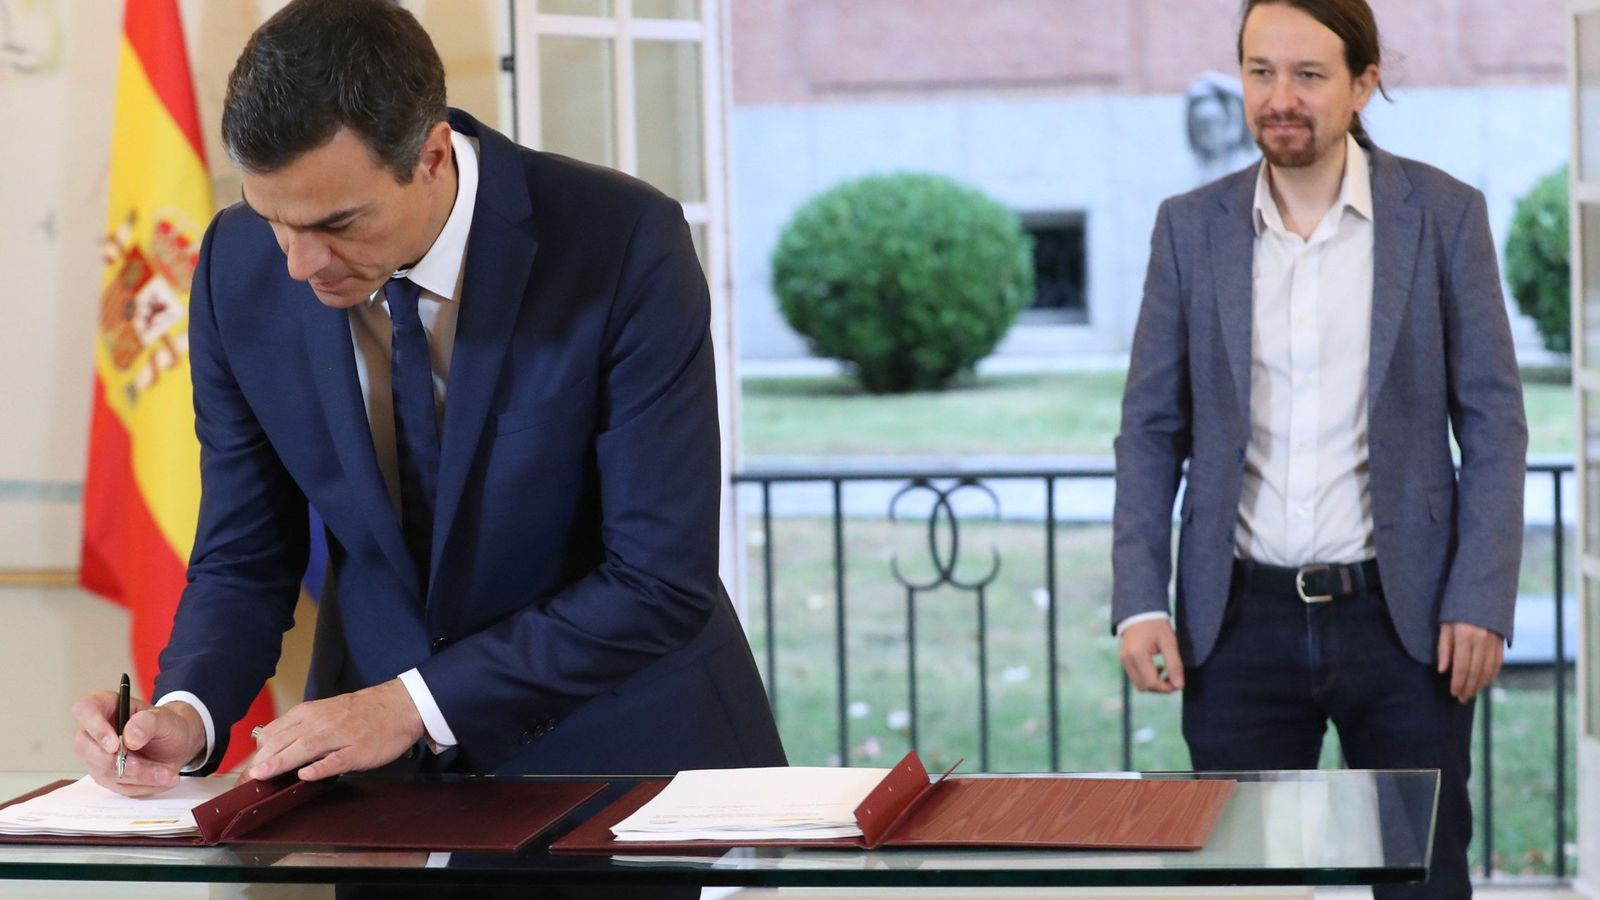 Foto: El presidente del Gobierno, Pedro Sánchez (i), y el secretario general de Podemos, Pablo Iglesias, durante la firma hoy en el Palacio de la Moncloa del acuerdo sobre el proyecto de ley de presupuestos para 2019. (EFE)